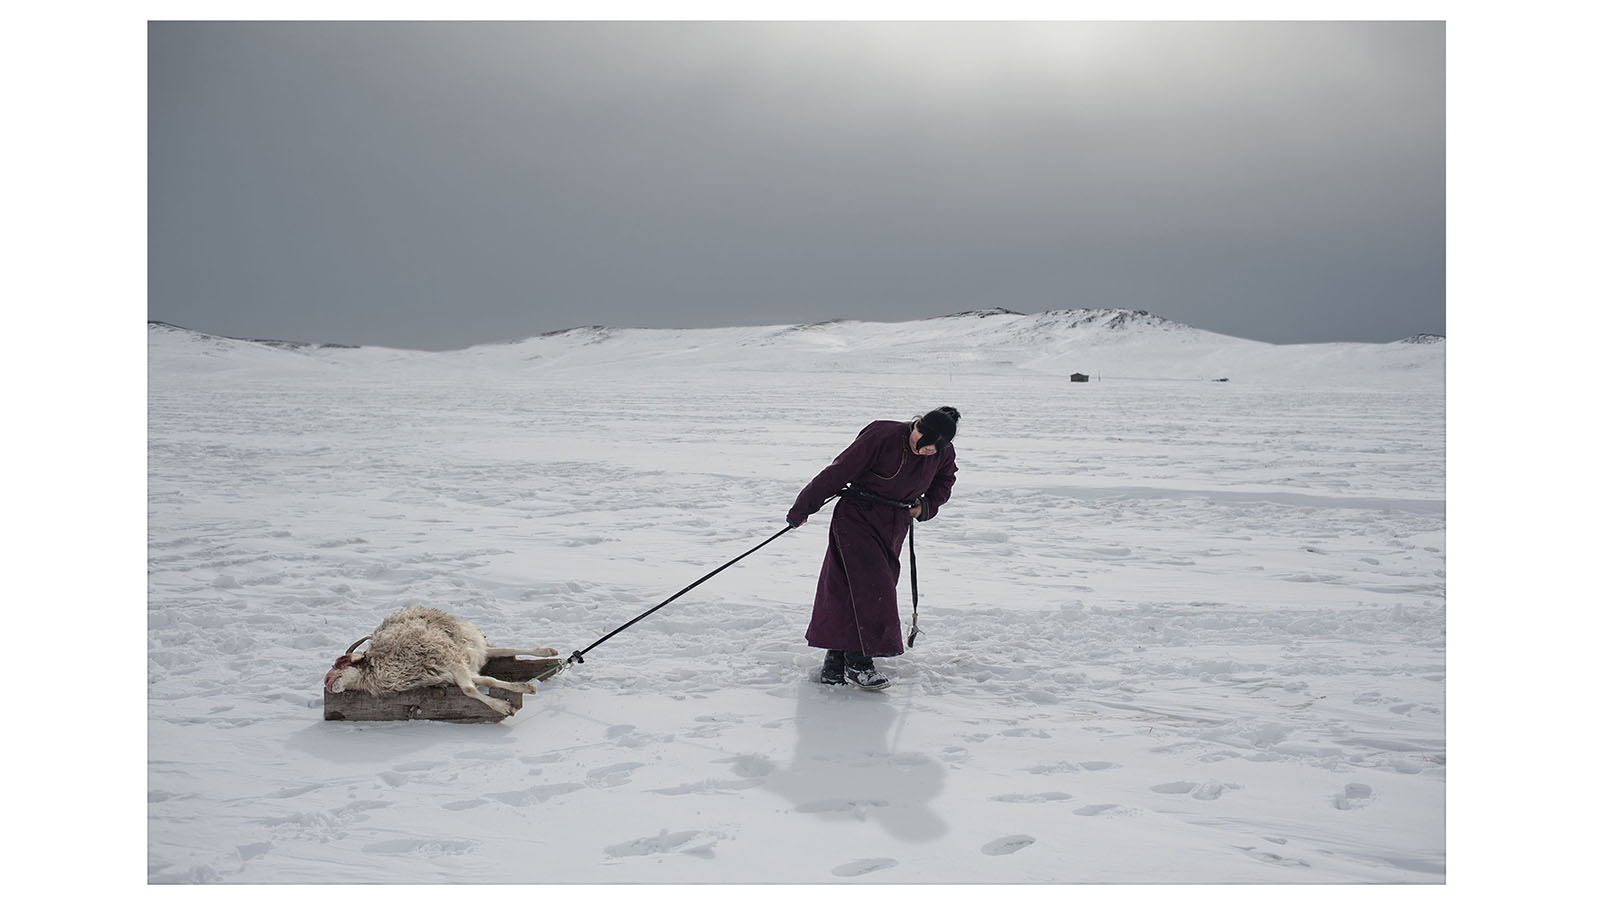 El trabajo de Grassani, encuadrado en una serie de diez imágenes, explora y transmite el impacto generado en la sociedad de Mongolia afectada por el cambio climático.